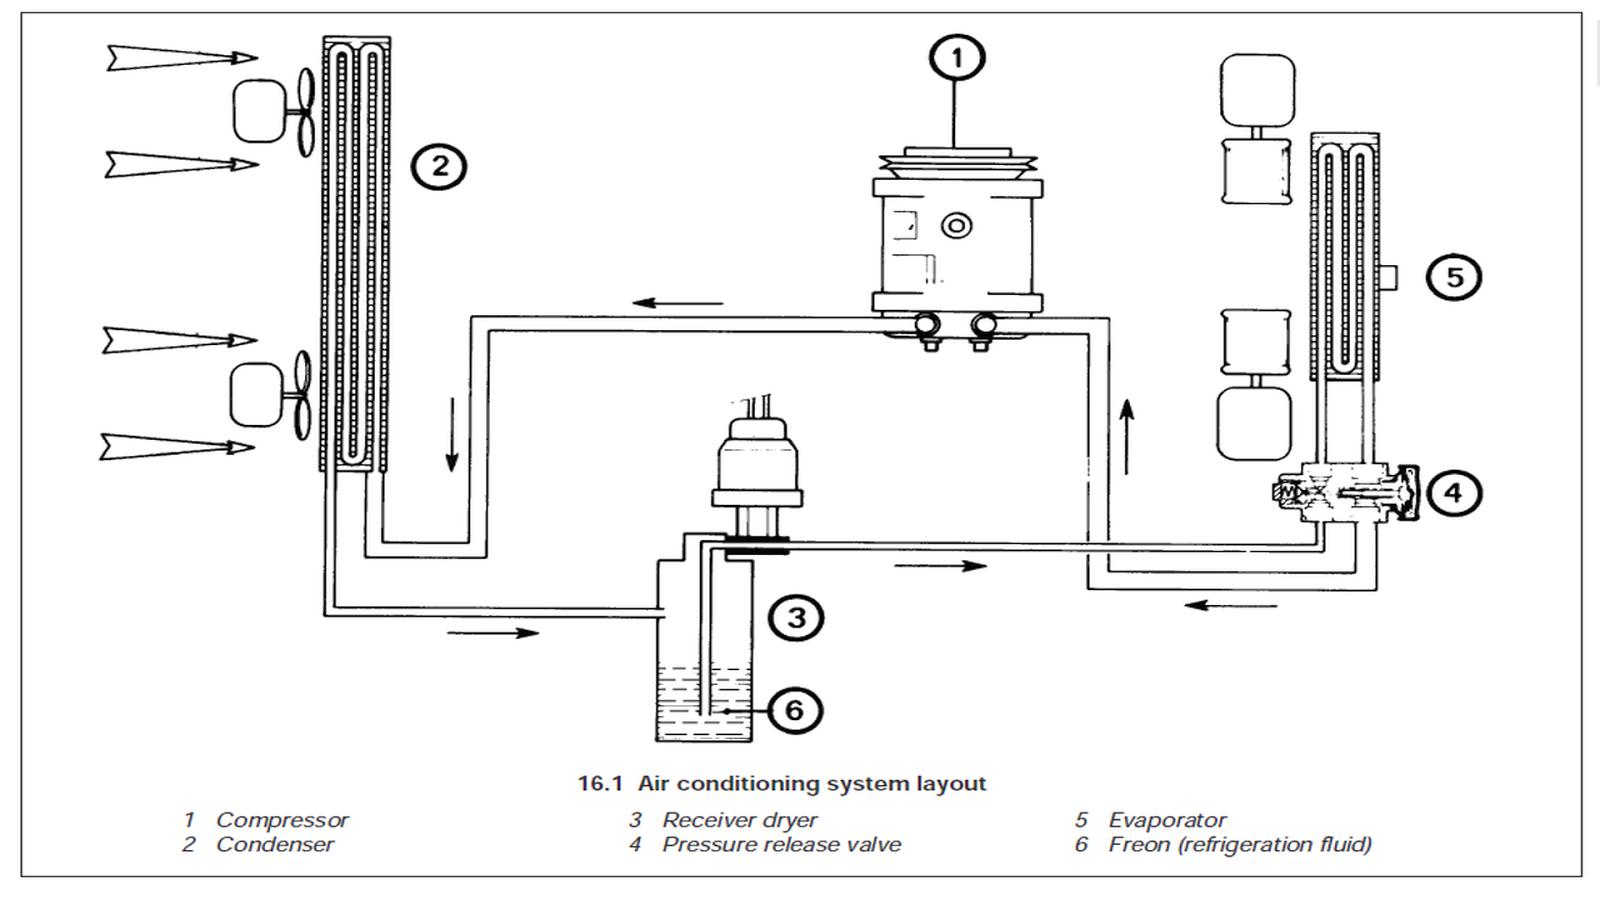 Fuse Box On Kubotum Bx25  kubota bx25 fuse box location wiring diagrams